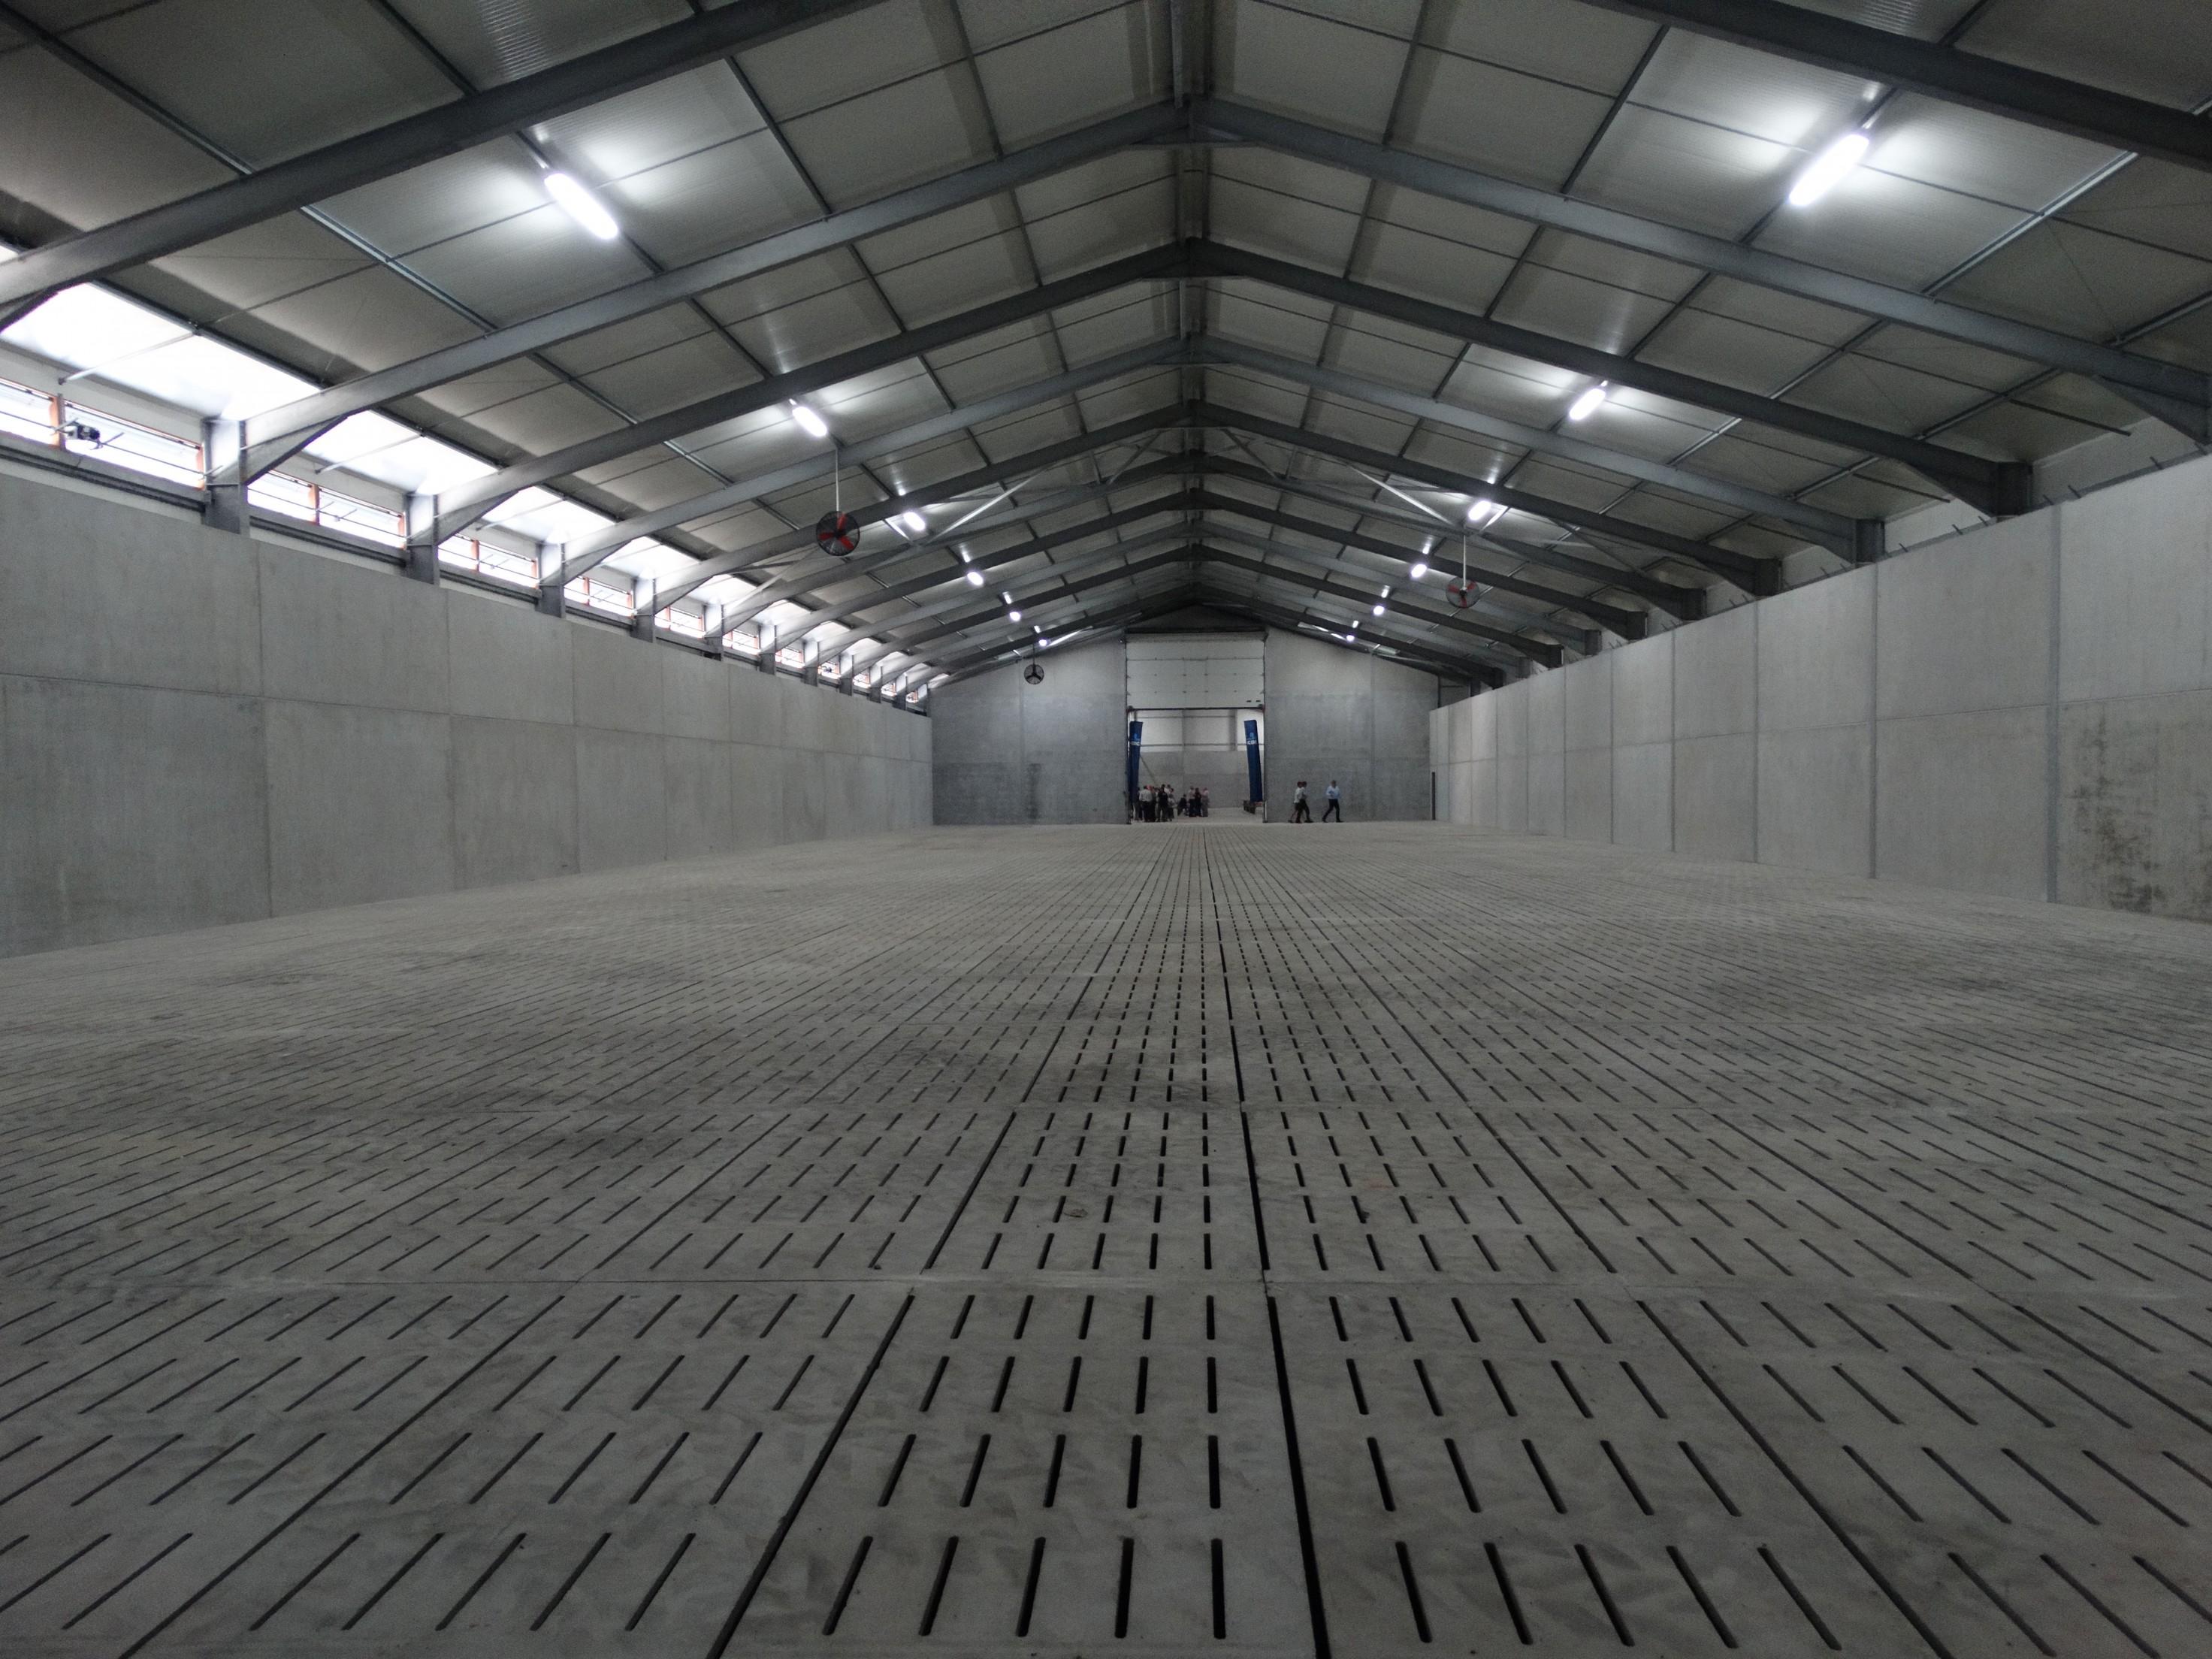 lefevre-Rosseignies-aardappelloods_hangar stockage pommes de terre (66).JPG